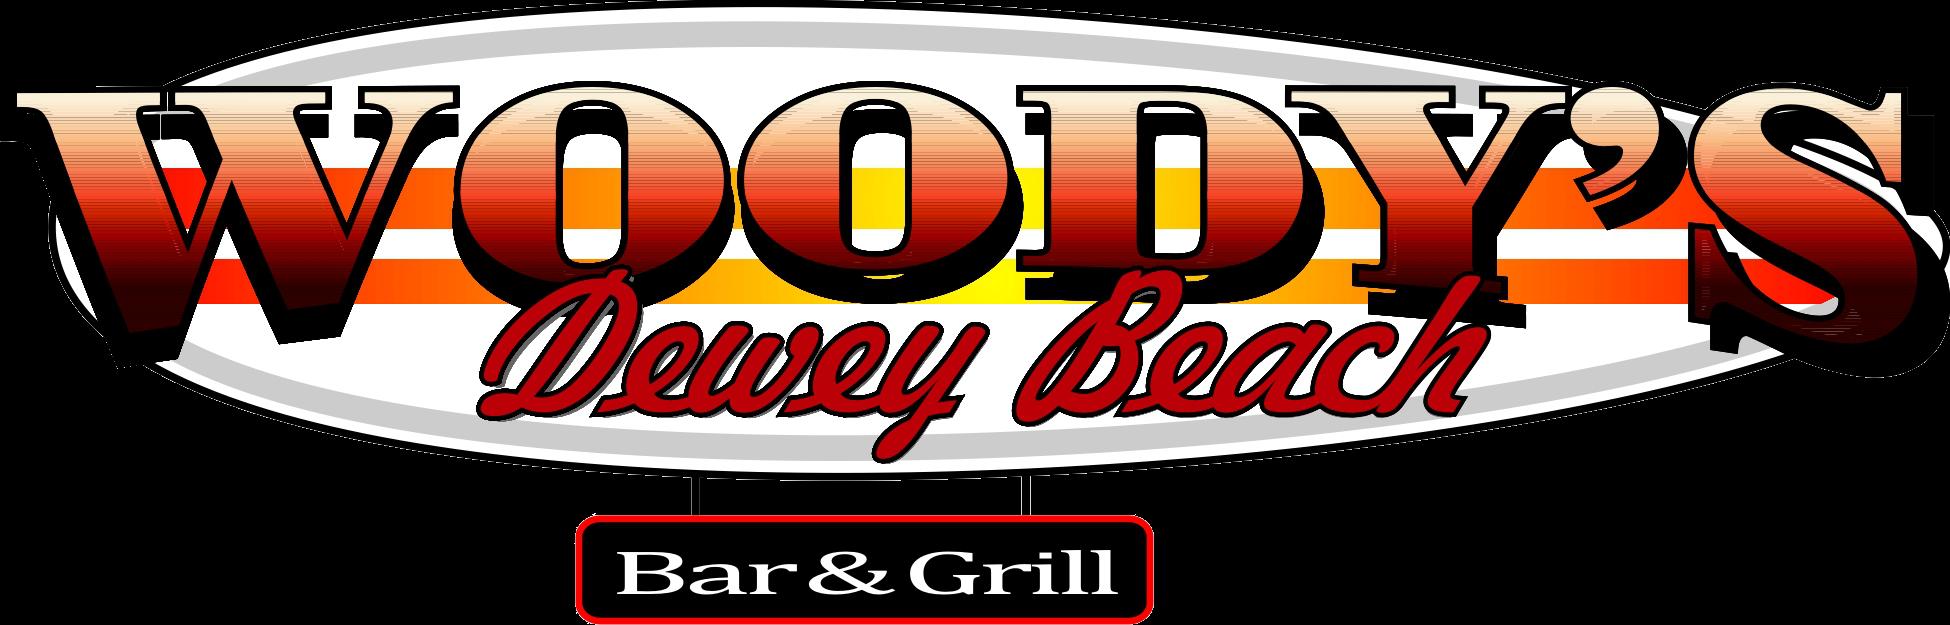 Woodys Dewey Beach